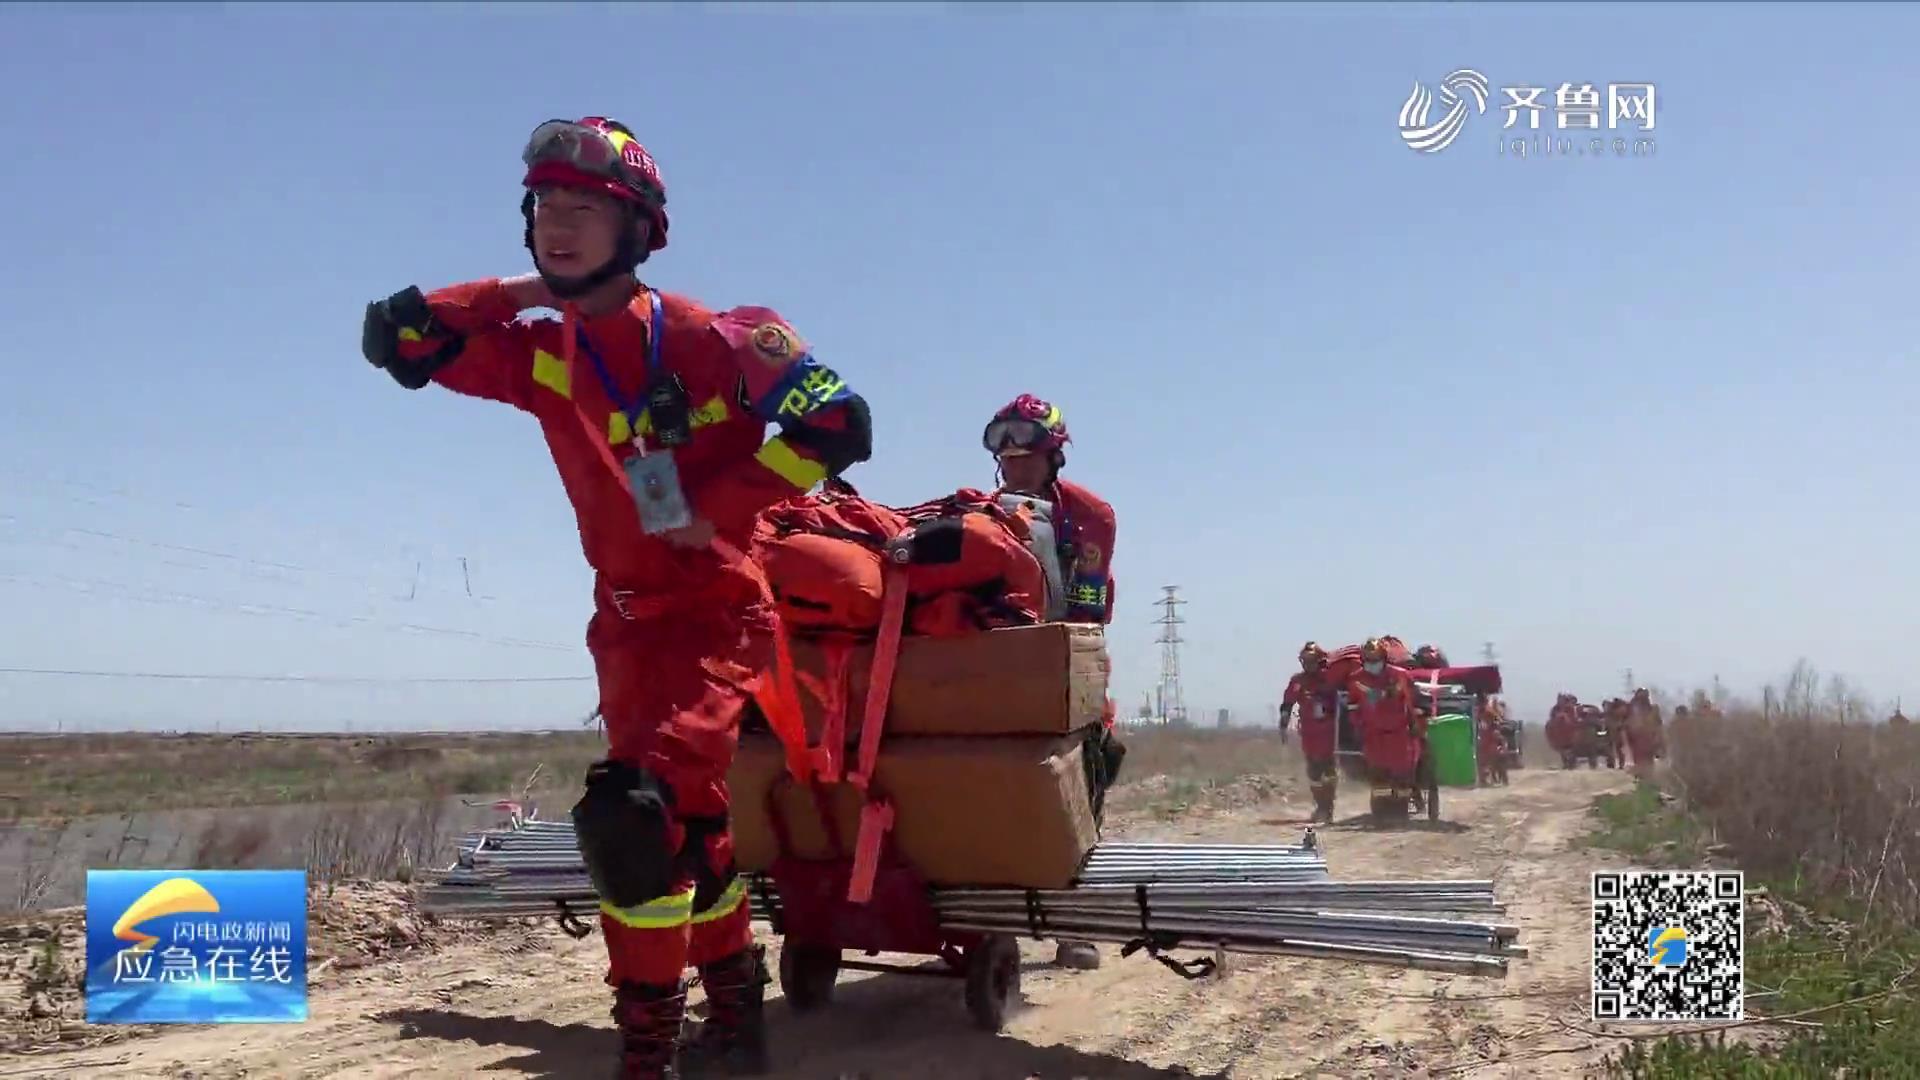 《应急在线》20210523:地震救援演练:全要素模拟 练实战技能